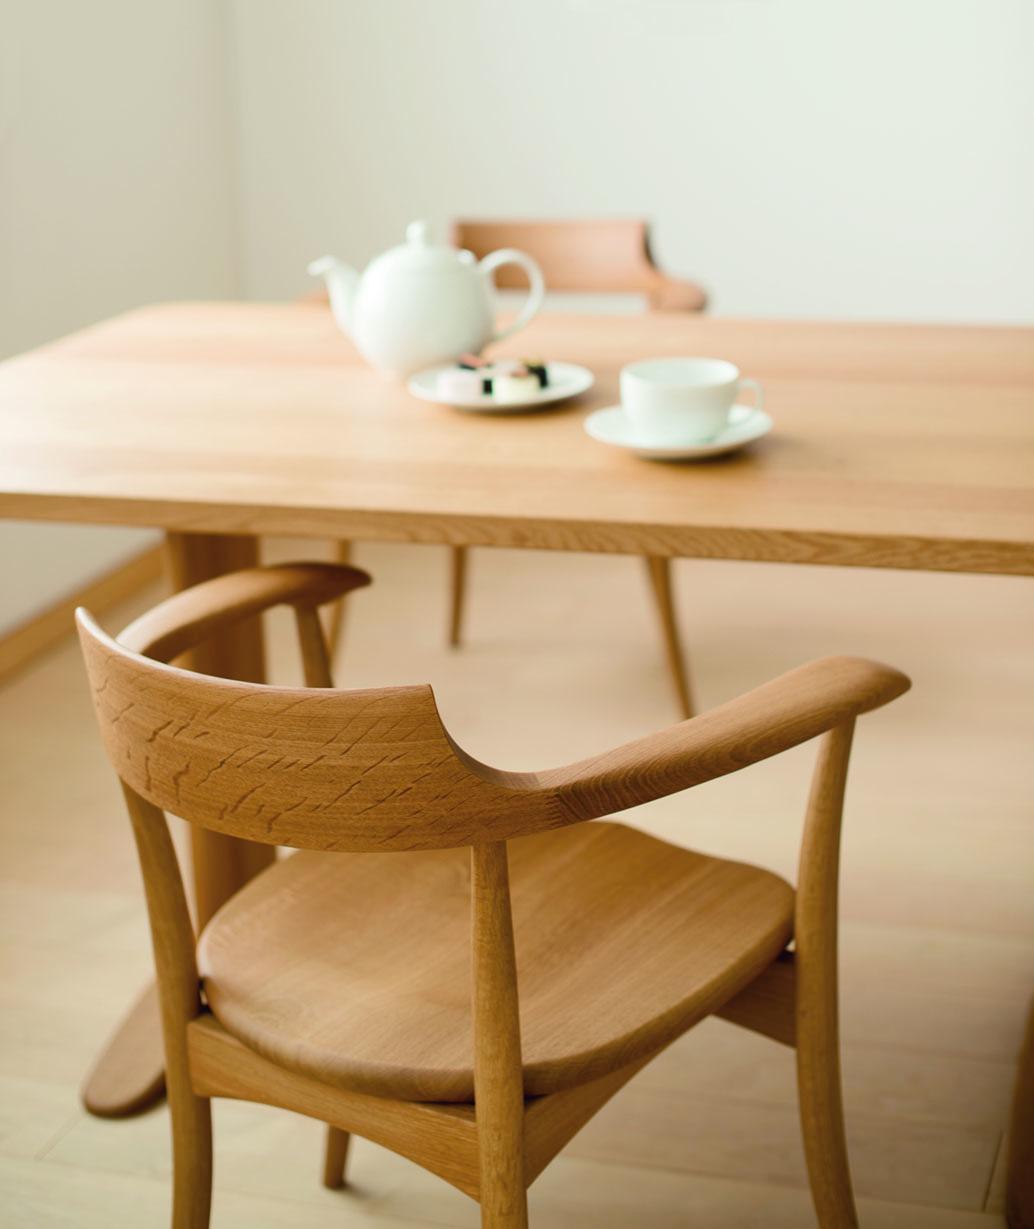 나무가 지닌 천연의 기분좋은 온기를 고스란히 담고 있는 의자와 테이블. 세월이 지날수록 깊어지는 온기와 맛을 느낄 수 있는 제품입니다.